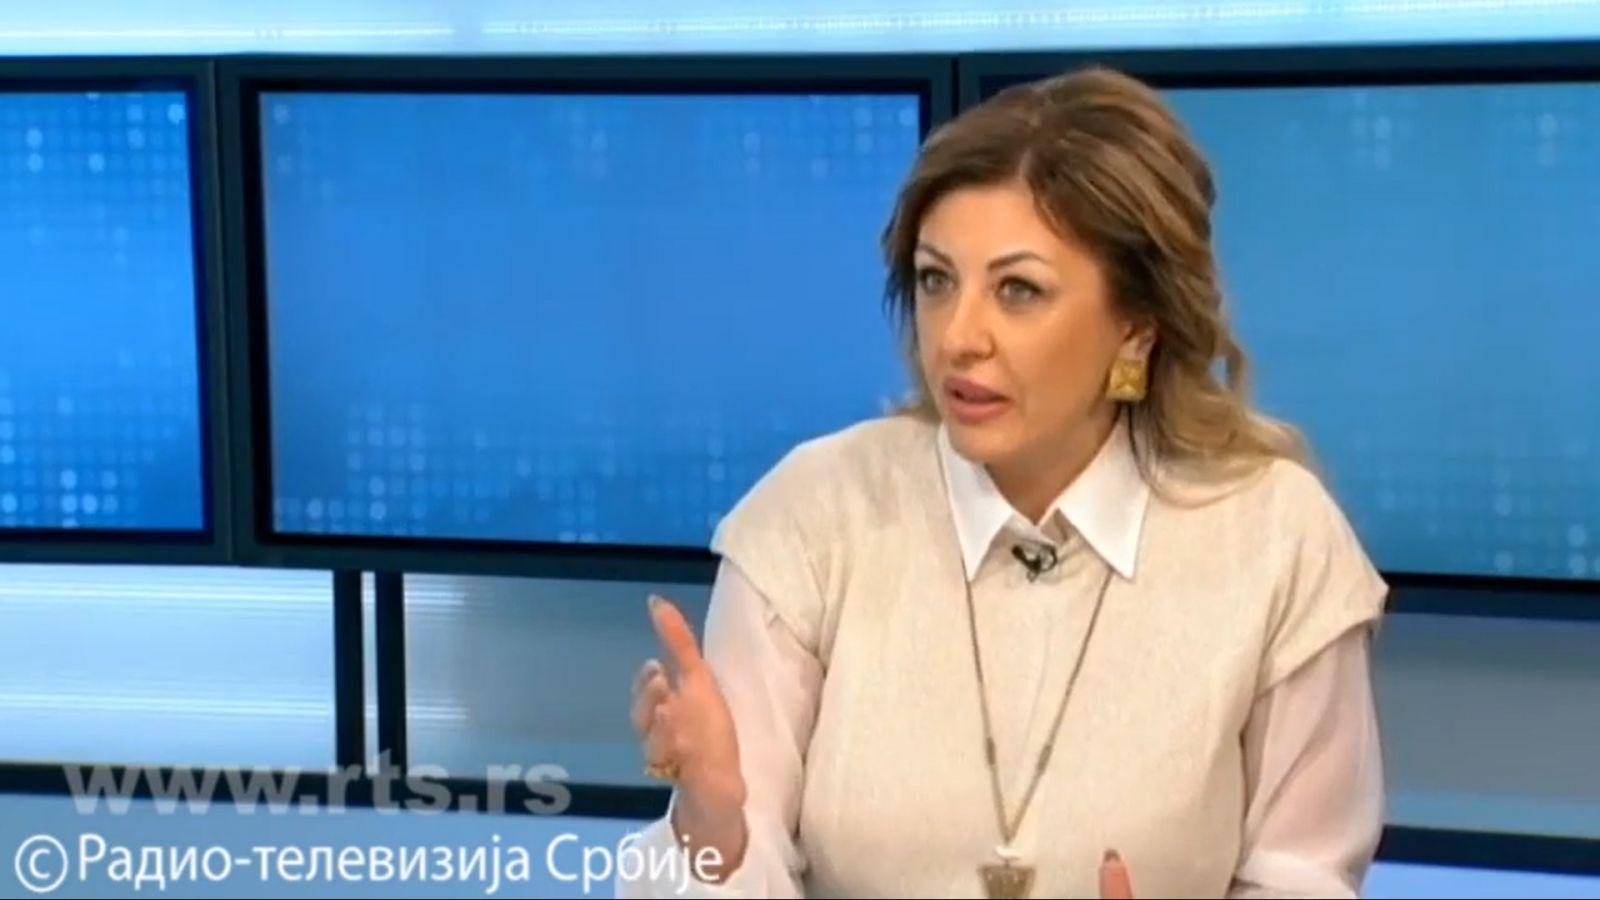 Ј. Јоксимовић: Ускоро мапа пута за отварање кластера